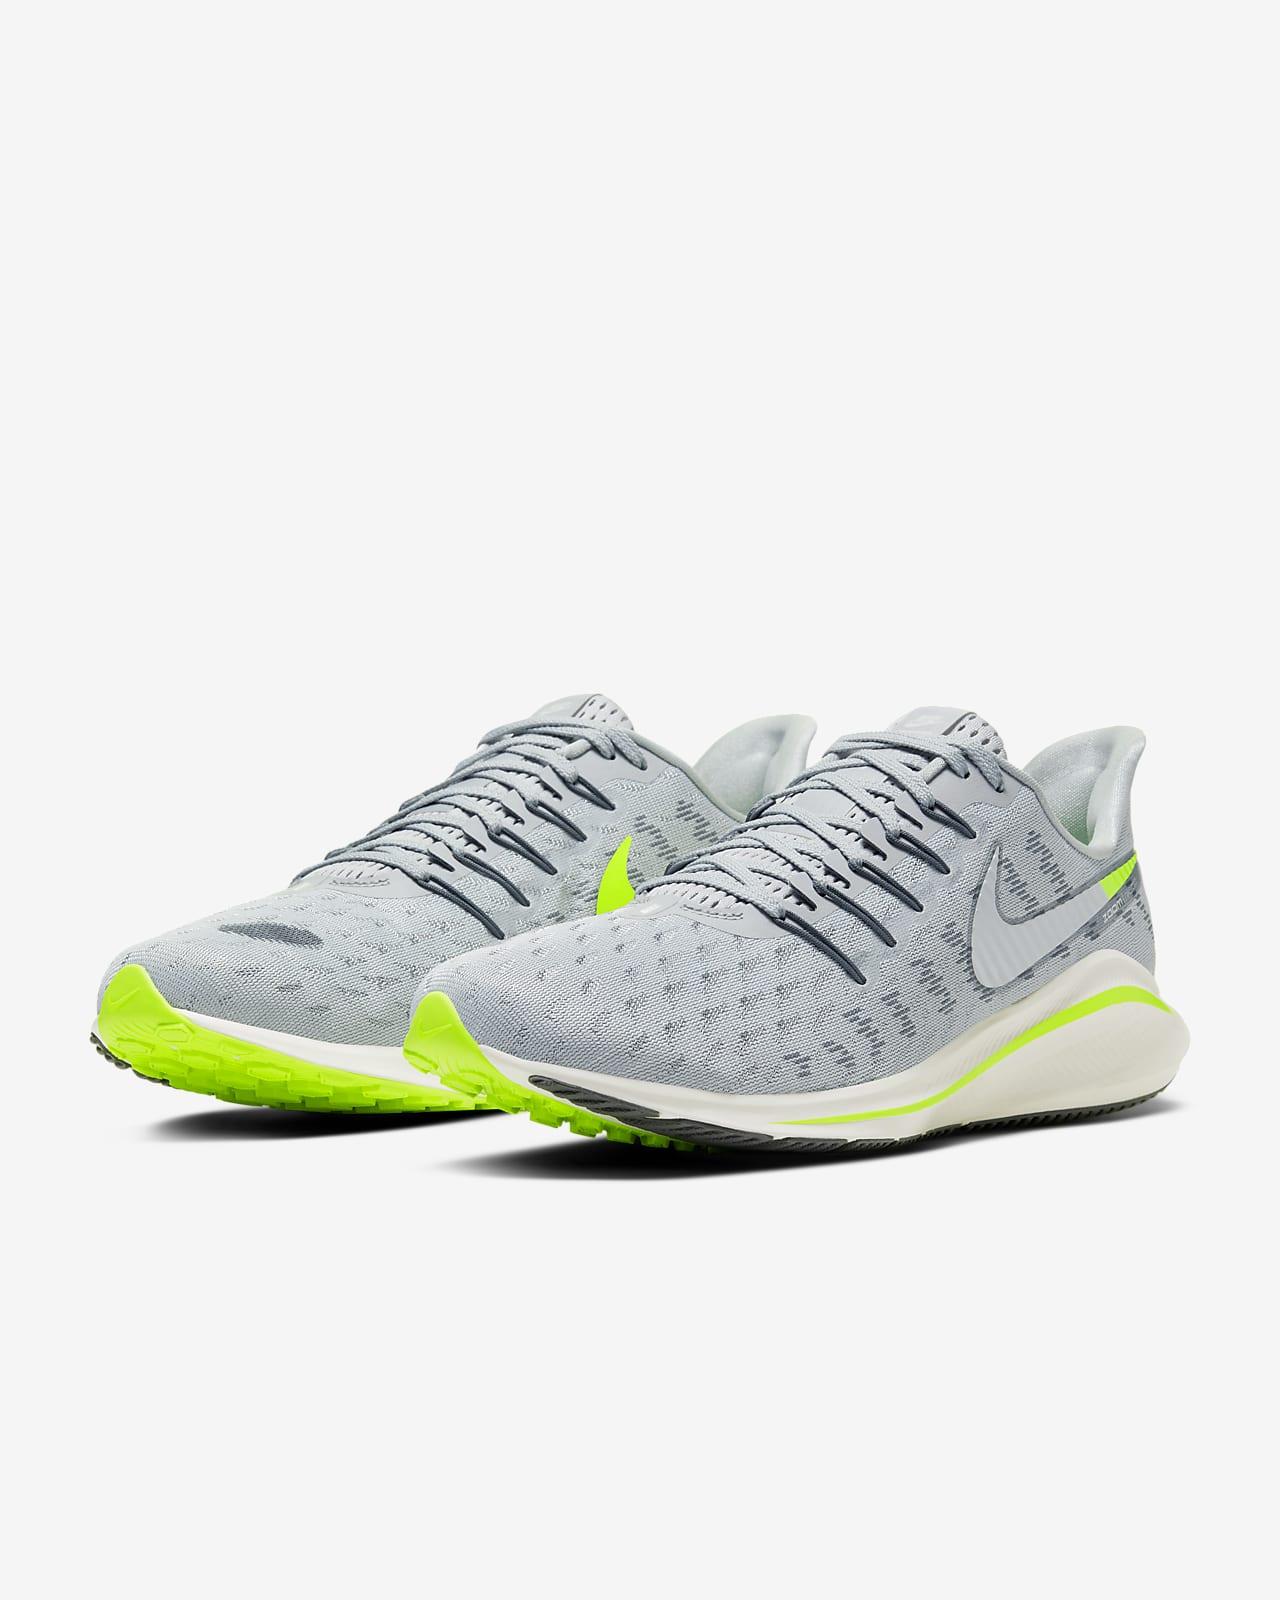 Nike Air Zoom Vomero 14 Men's Running